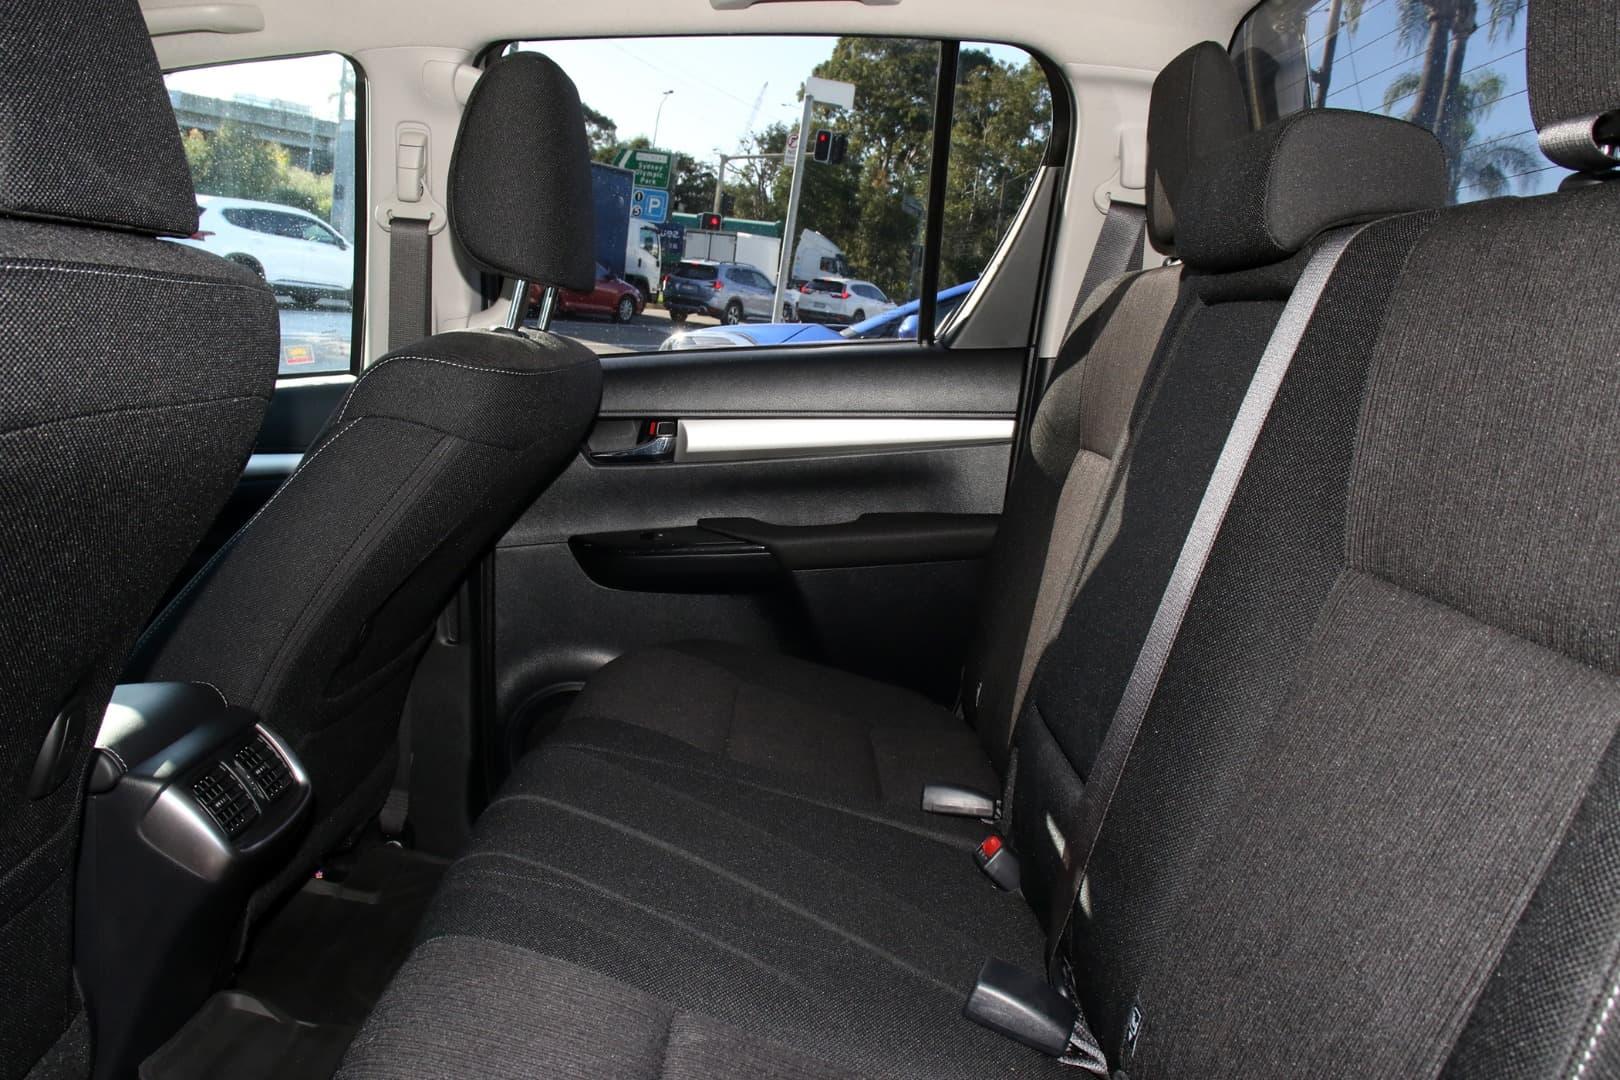 2019 Toyota Hilux SR5 Auto 4x4 Double Cab - image 8